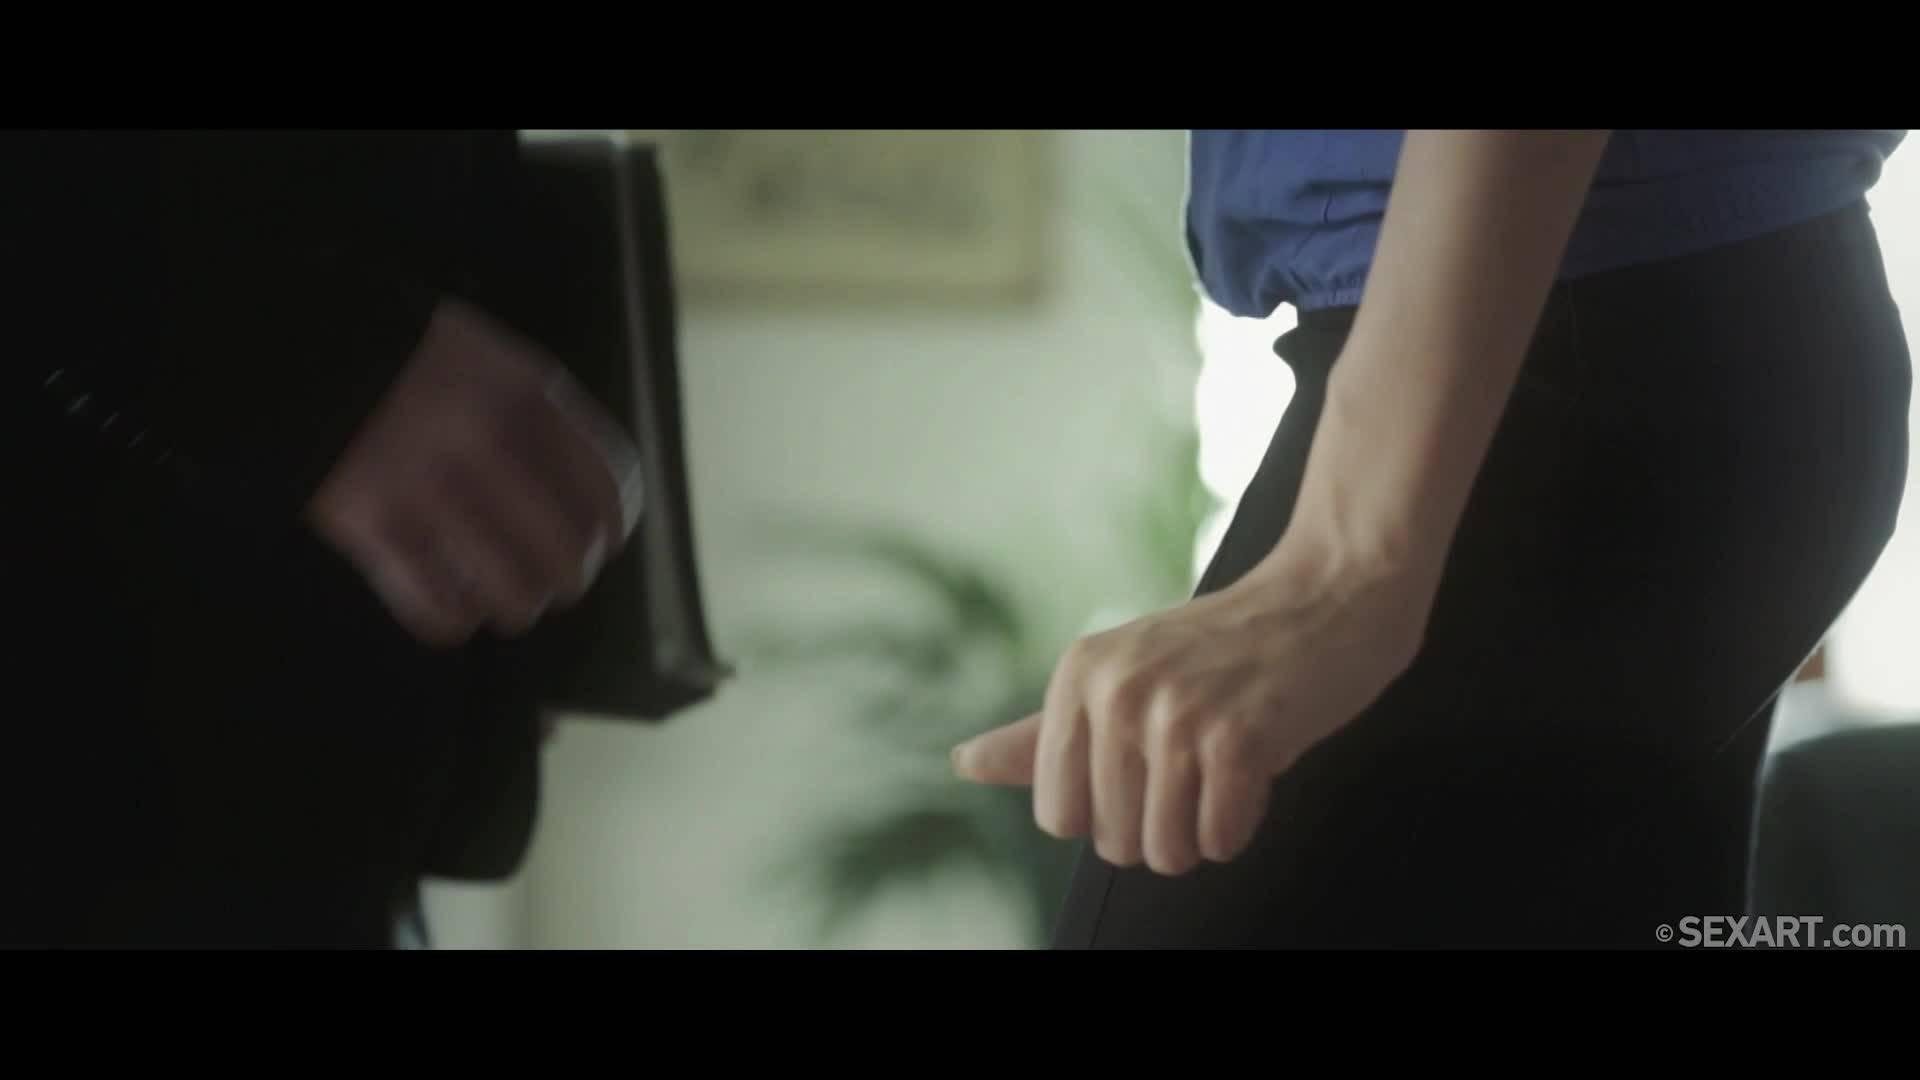 Привел к себе домой симпатичную секретаршу и занялся с ней сексом